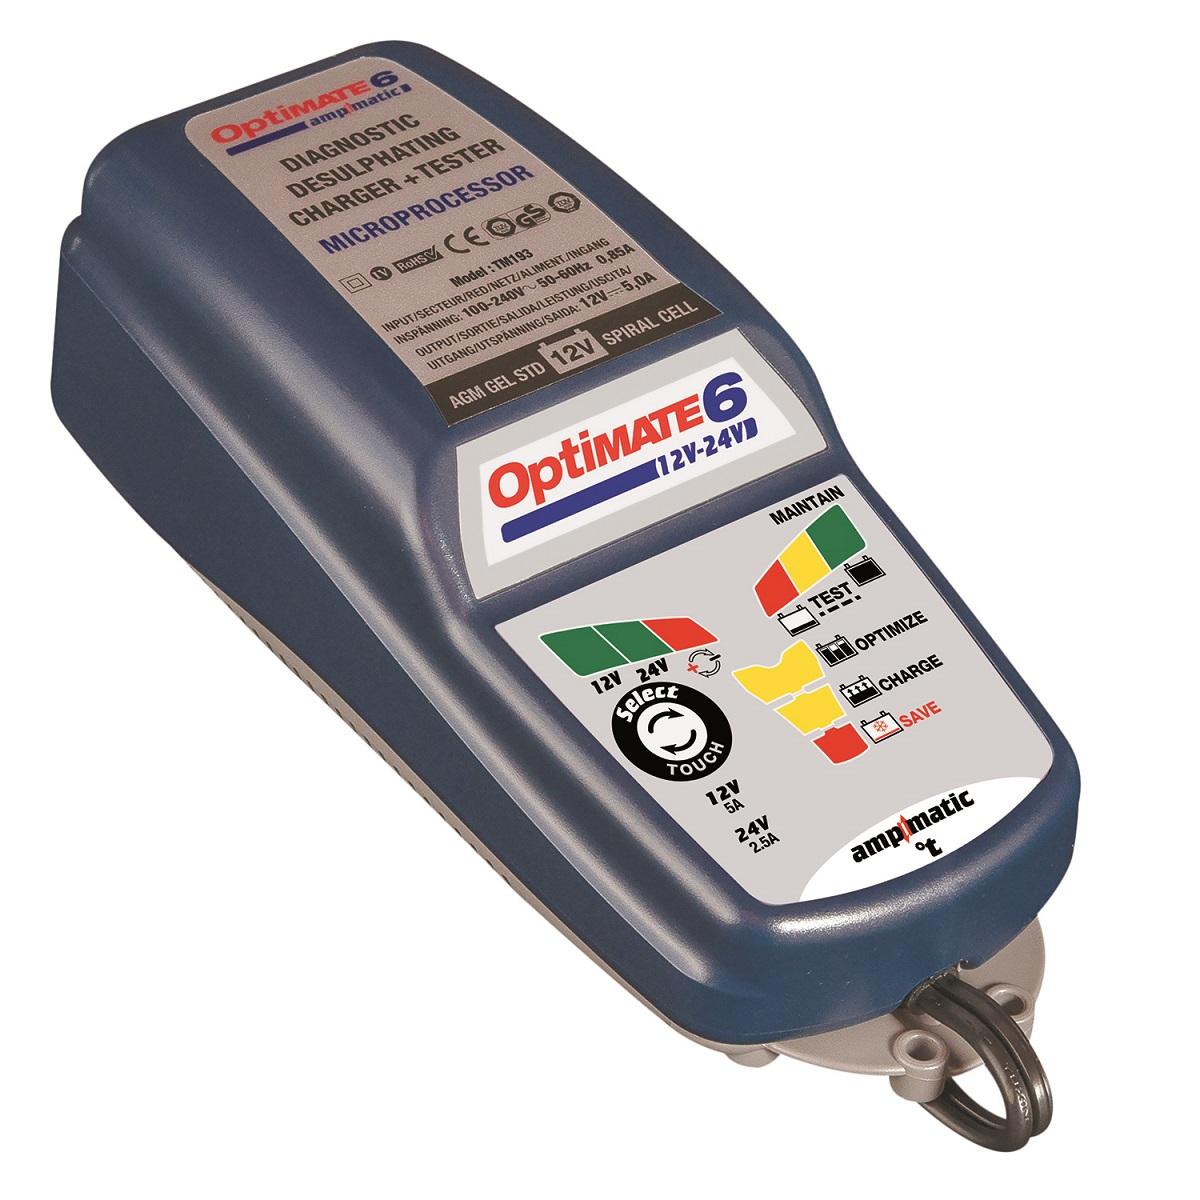 Зарядное устройство OptiMate 6, 12/24V. TM194TM194Многоступенчатое зарядное устройство Optimate от бельгийской компании TecMate с режимами тестирования, восстановления глубокоразряженных аккумуляторных батарей, десульфатации и хранения. Управление автоматическое AmpmaticTM микропроцессор, переключение режимов 12В и 24В сенсорной кнопкой. Заряжает все типы 12В и 24В свинцово-кислотных аккумуляторных батарей, в т.ч. AGM, GEL. Защита от короткого замыкания, переполюсовки, искрообразования, перегрева. Оптимизирует срок службы и здоровье аккумуляторной батареи. Гарантия 3 года (замена на новое изделие). Влагозащищенный корпус. Рекомендовано 10-ю ведущими производителями мототехники. Optimate 6 рекомендуется для АКБ до 240 Ач - 12В, до 100Ач - 24В. Ток заряда 0,4 - 5,0А для 12В; 0,4 - 2,5А для 24В. Старт зарядки АКБ от 0,5В. Температурный режим -40...+40С. В комплект устройства входят аксессуары O11 кольцевой разъем постоянного подключения и O4 зажимы типа крокодил.